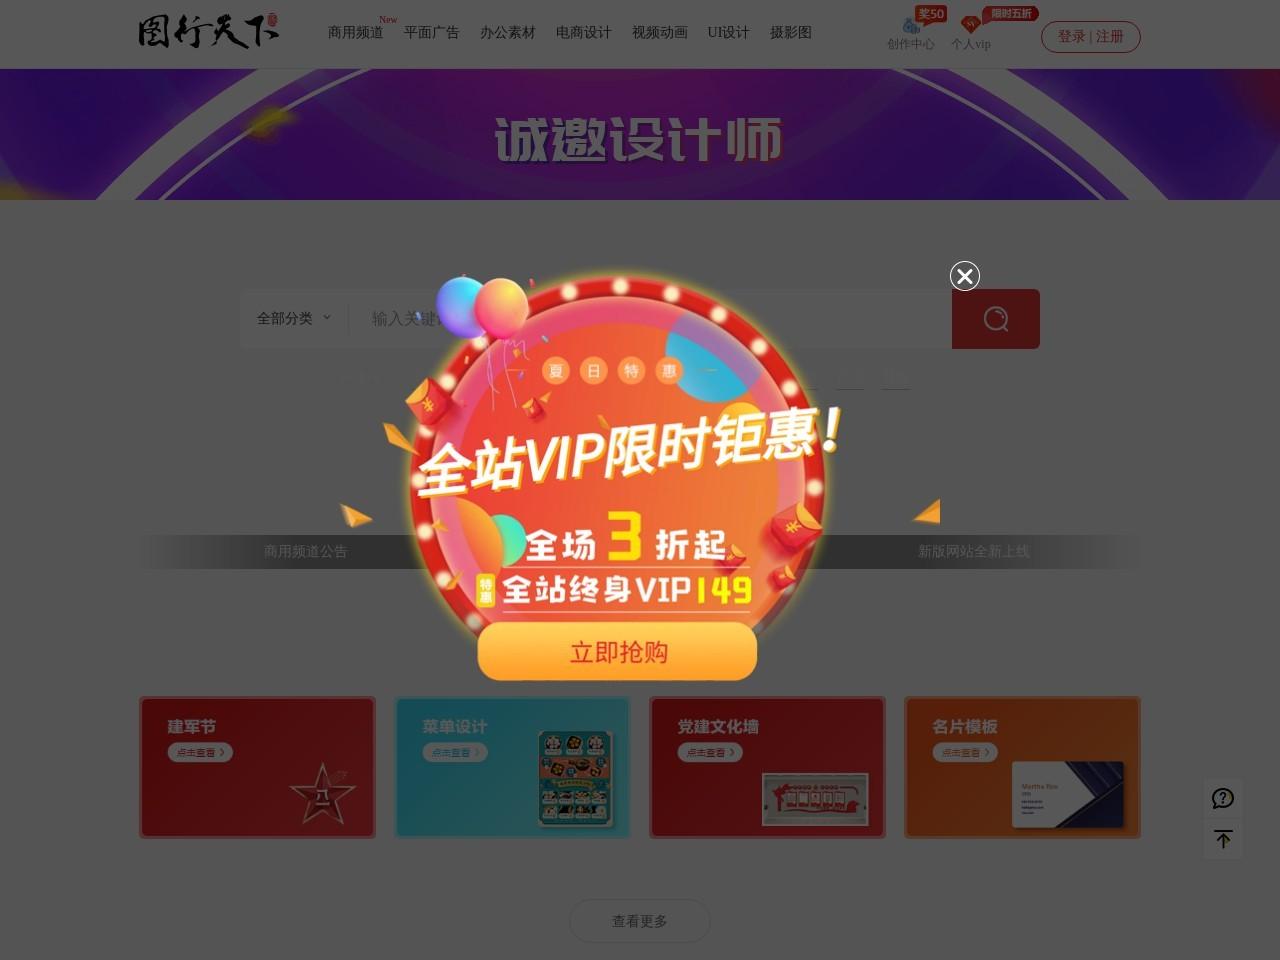 图行天下图库_免费设计素材下载网站